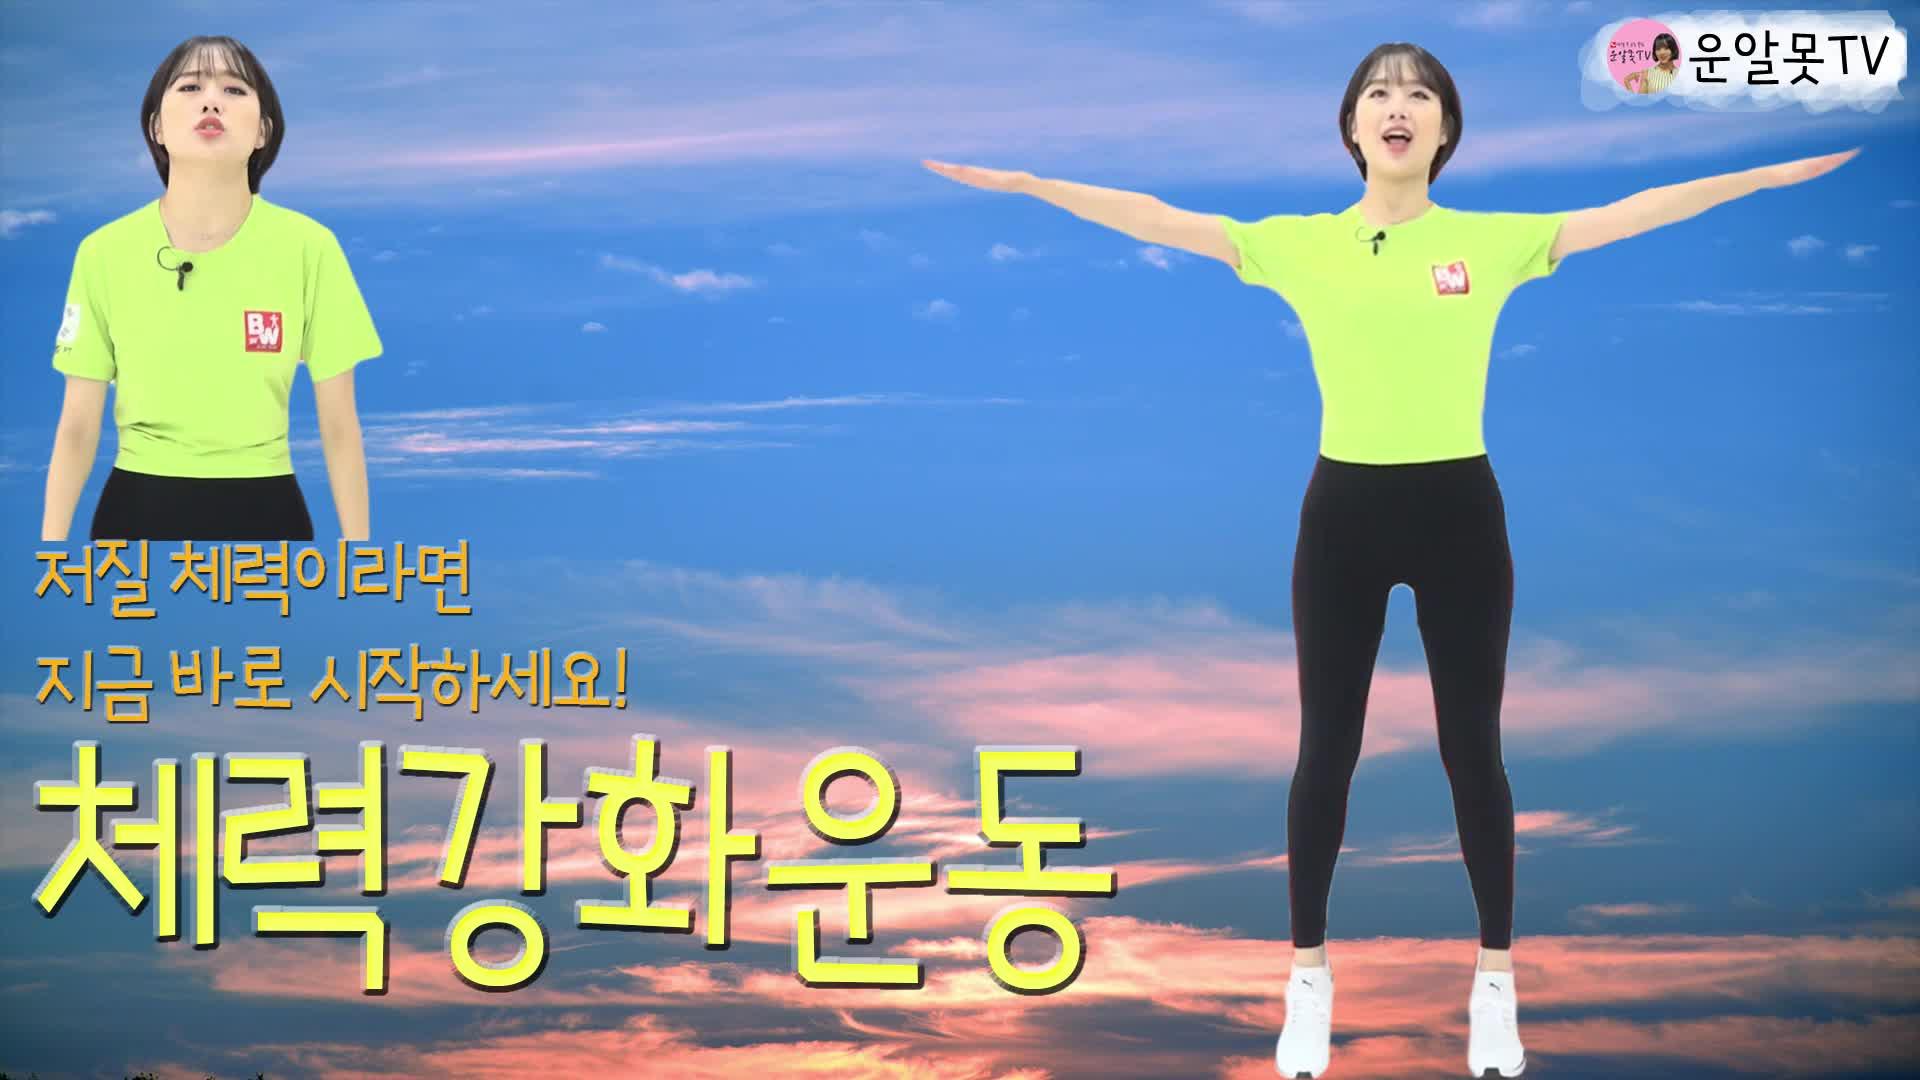 [1분팁] 저질체력 주목!! 체력강화운동 + 다이어트까지~